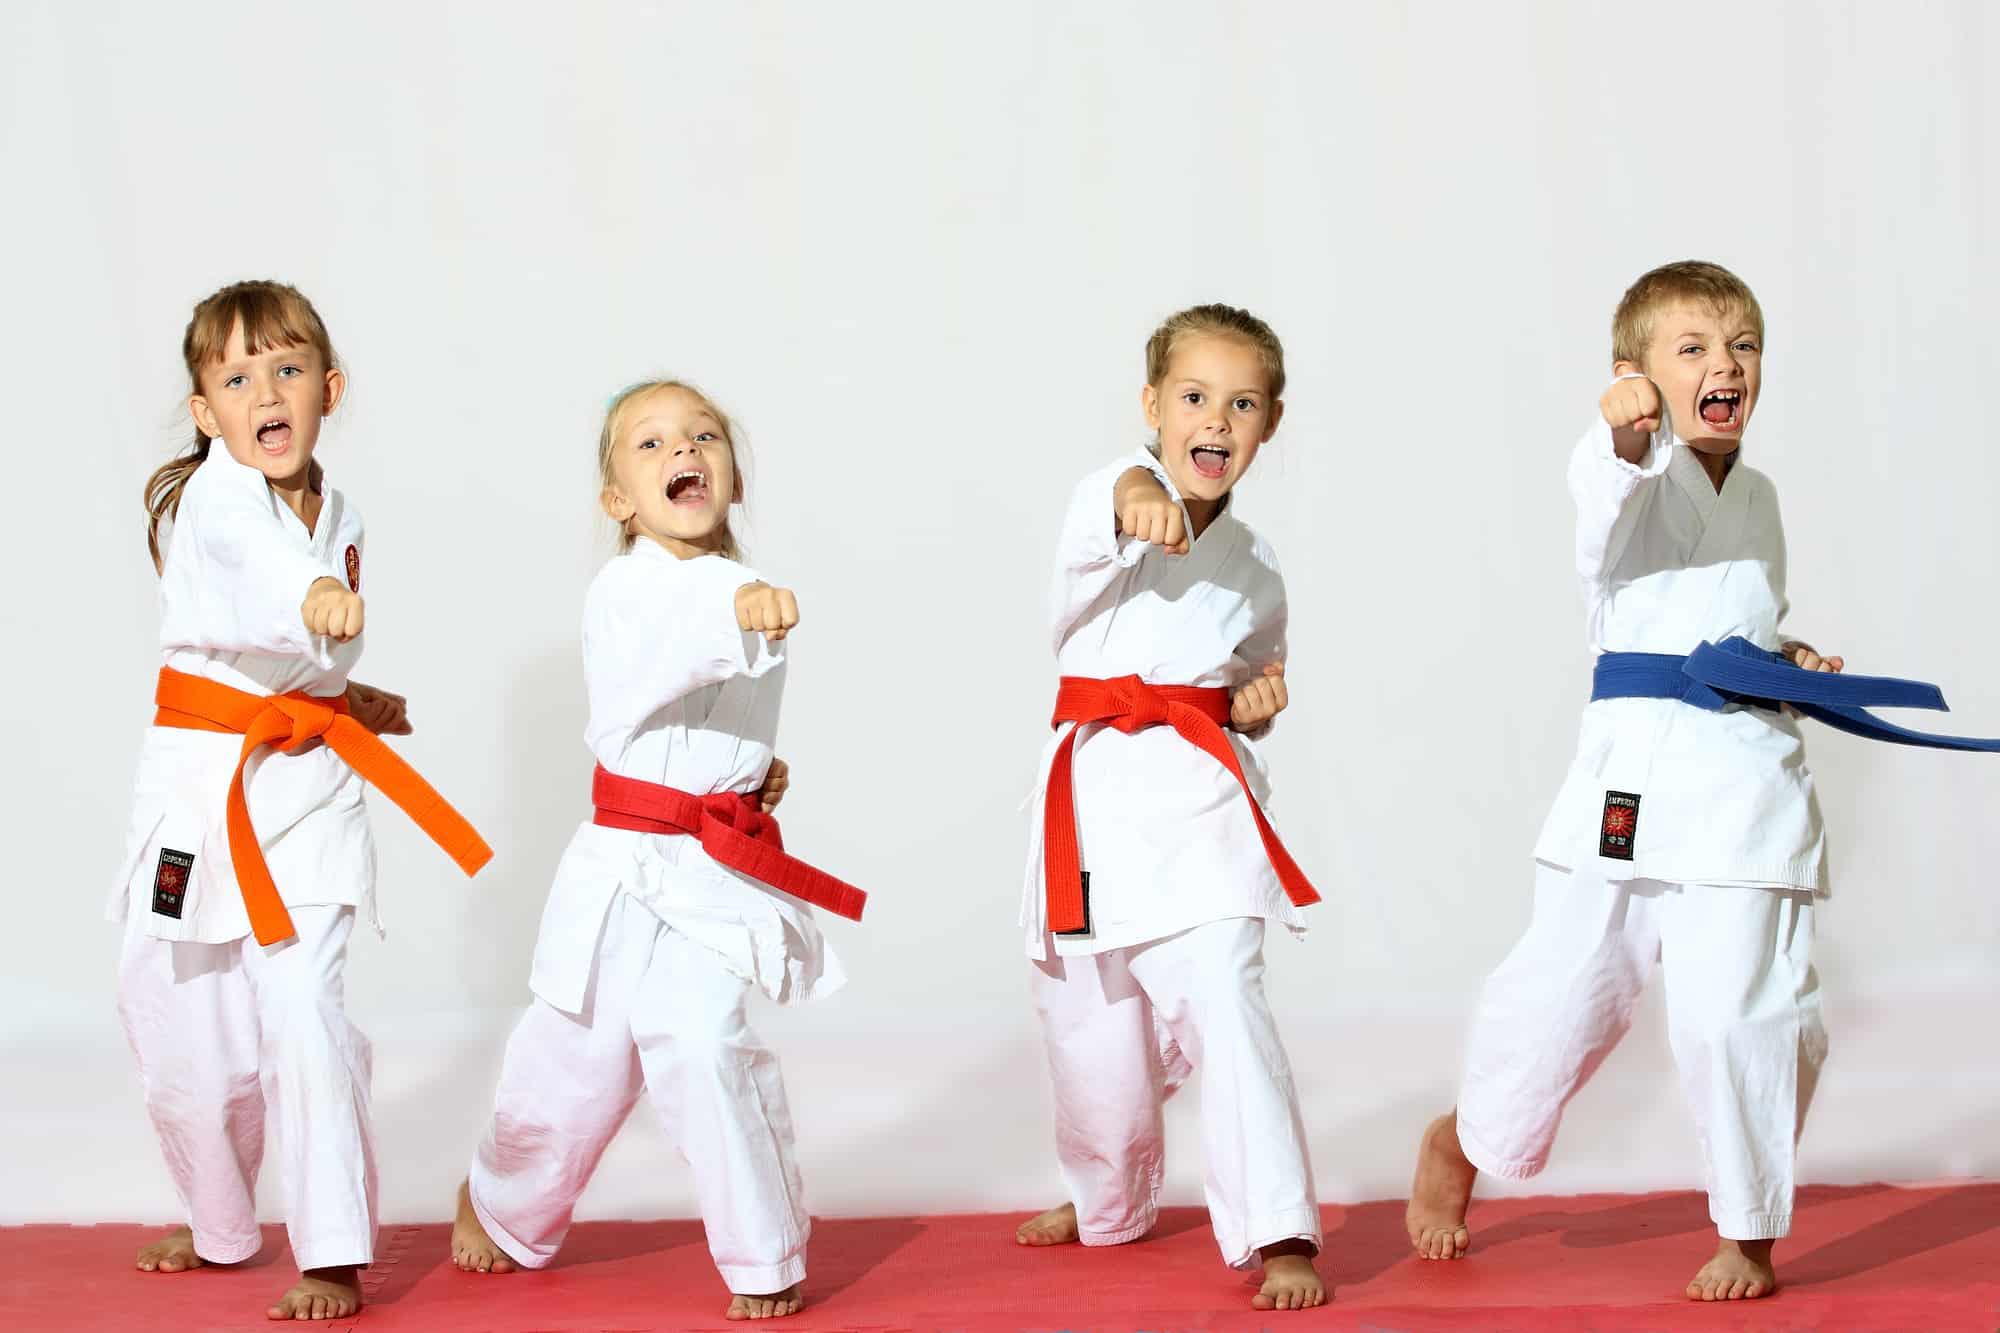 Kids participate in a karate class